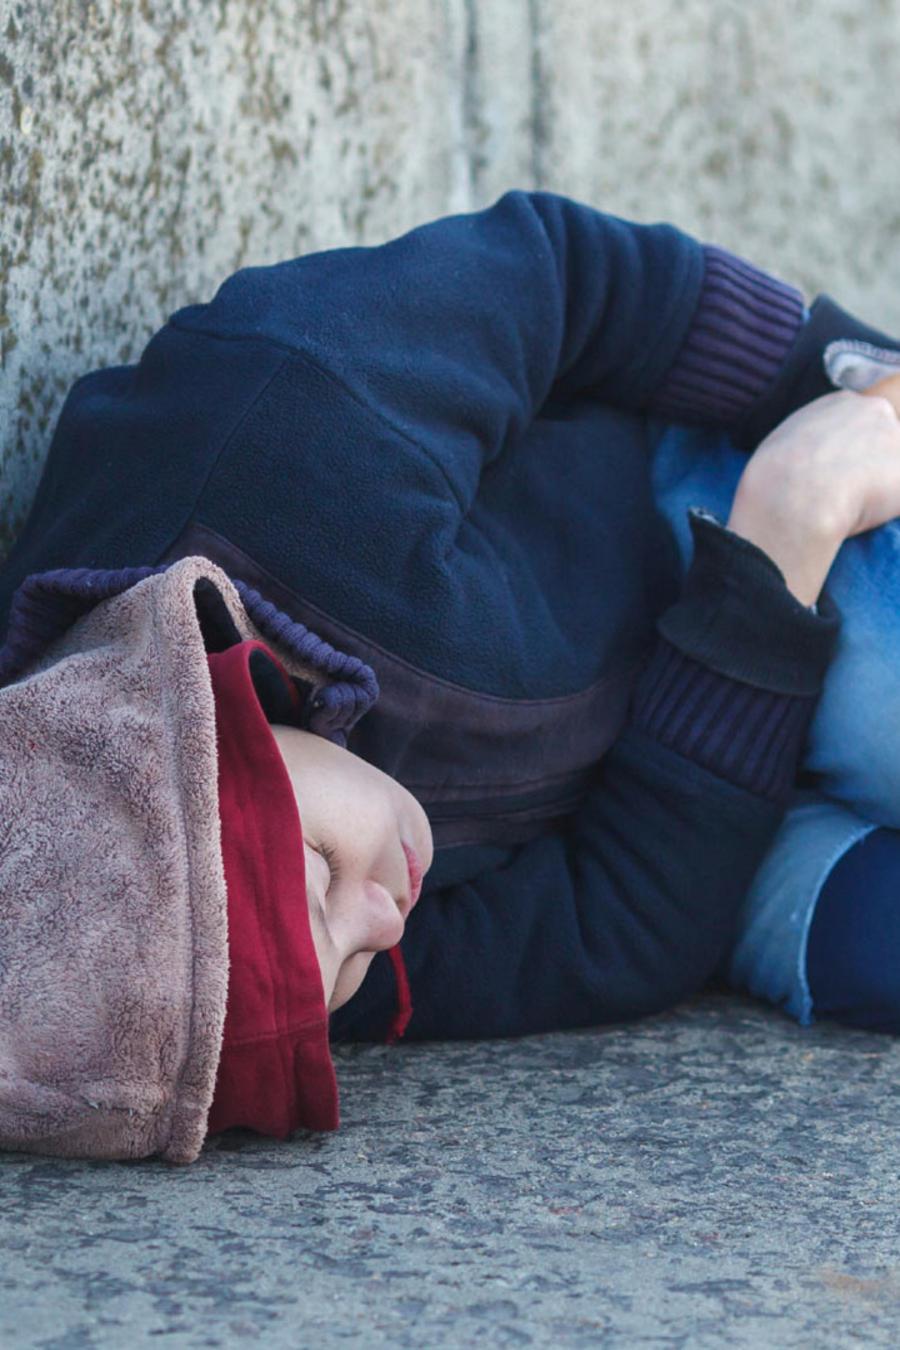 niño migrante duerme en la calle